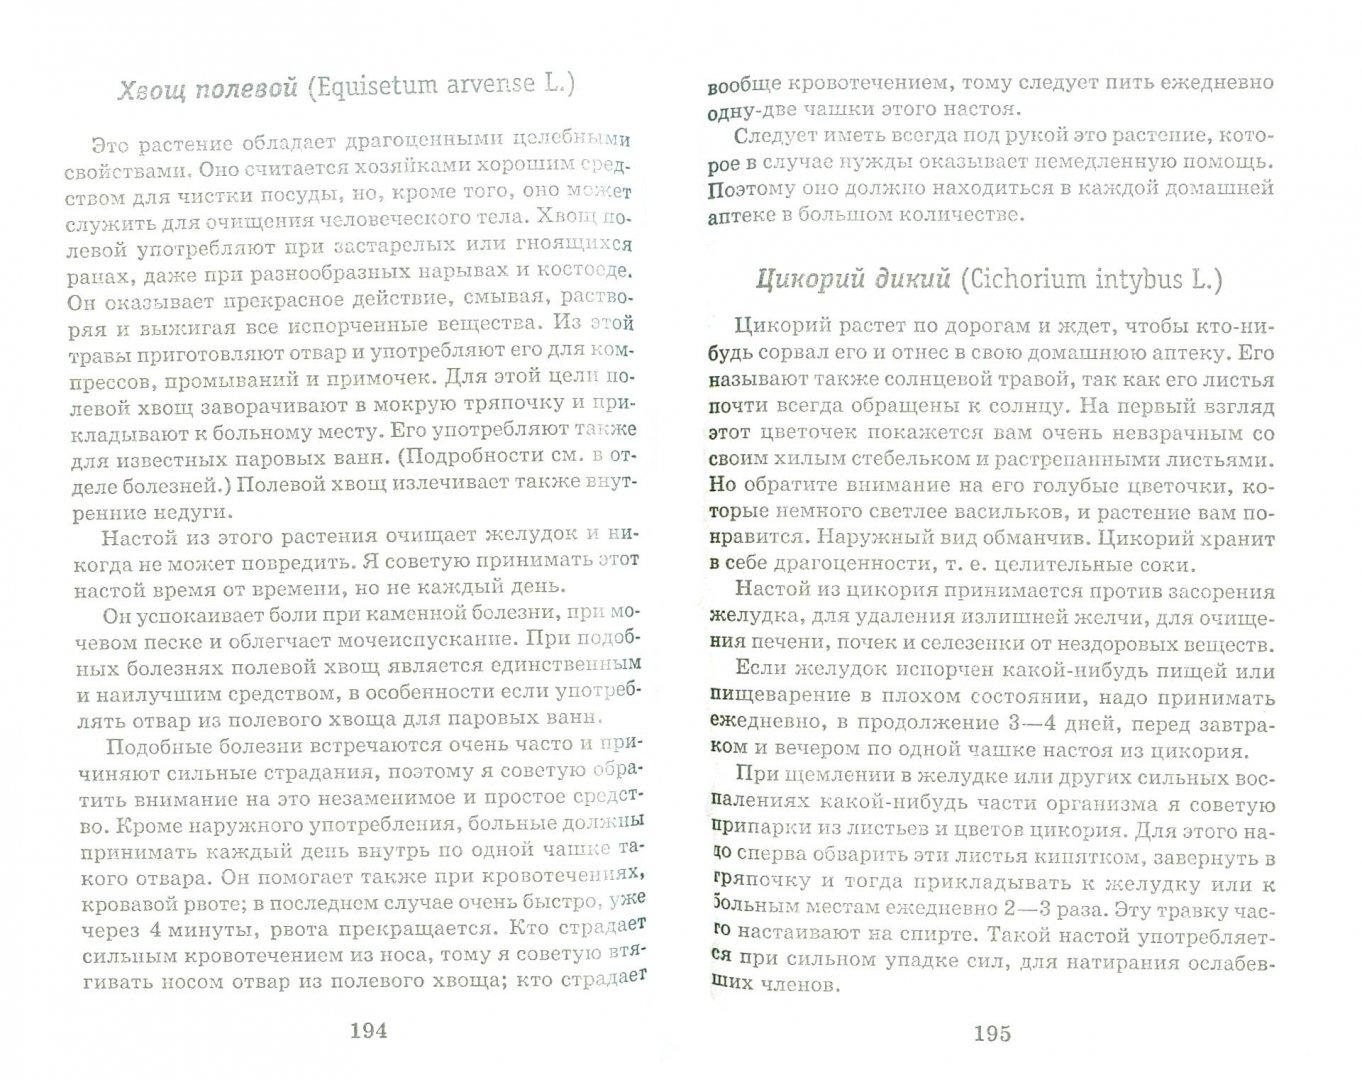 Иллюстрация 1 из 2 для Естественное лечение водой - Себастьян Кнейпп | Лабиринт - книги. Источник: Лабиринт